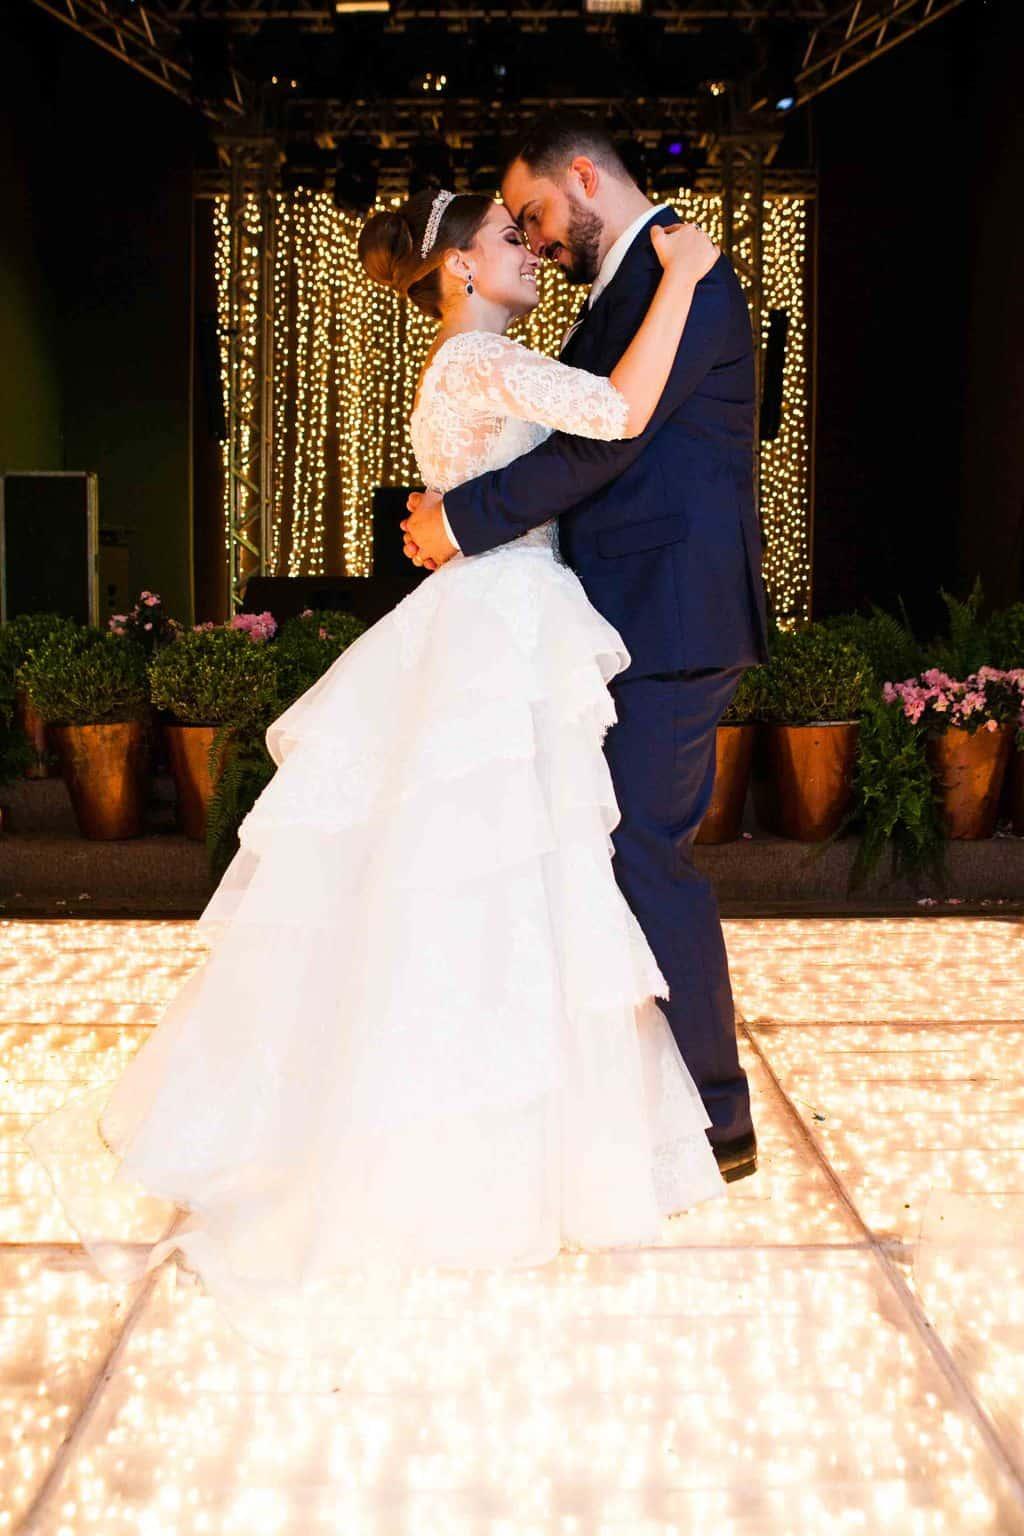 Casamento-Clássico-Casamento-tradicional-Copacabana-Palace-Dança-dos-noivos-Monica-Roias-Ribas-Foto-e-Vídeo-Silvio-Cruz-Tuanny-e-Bernardo-CaseMe